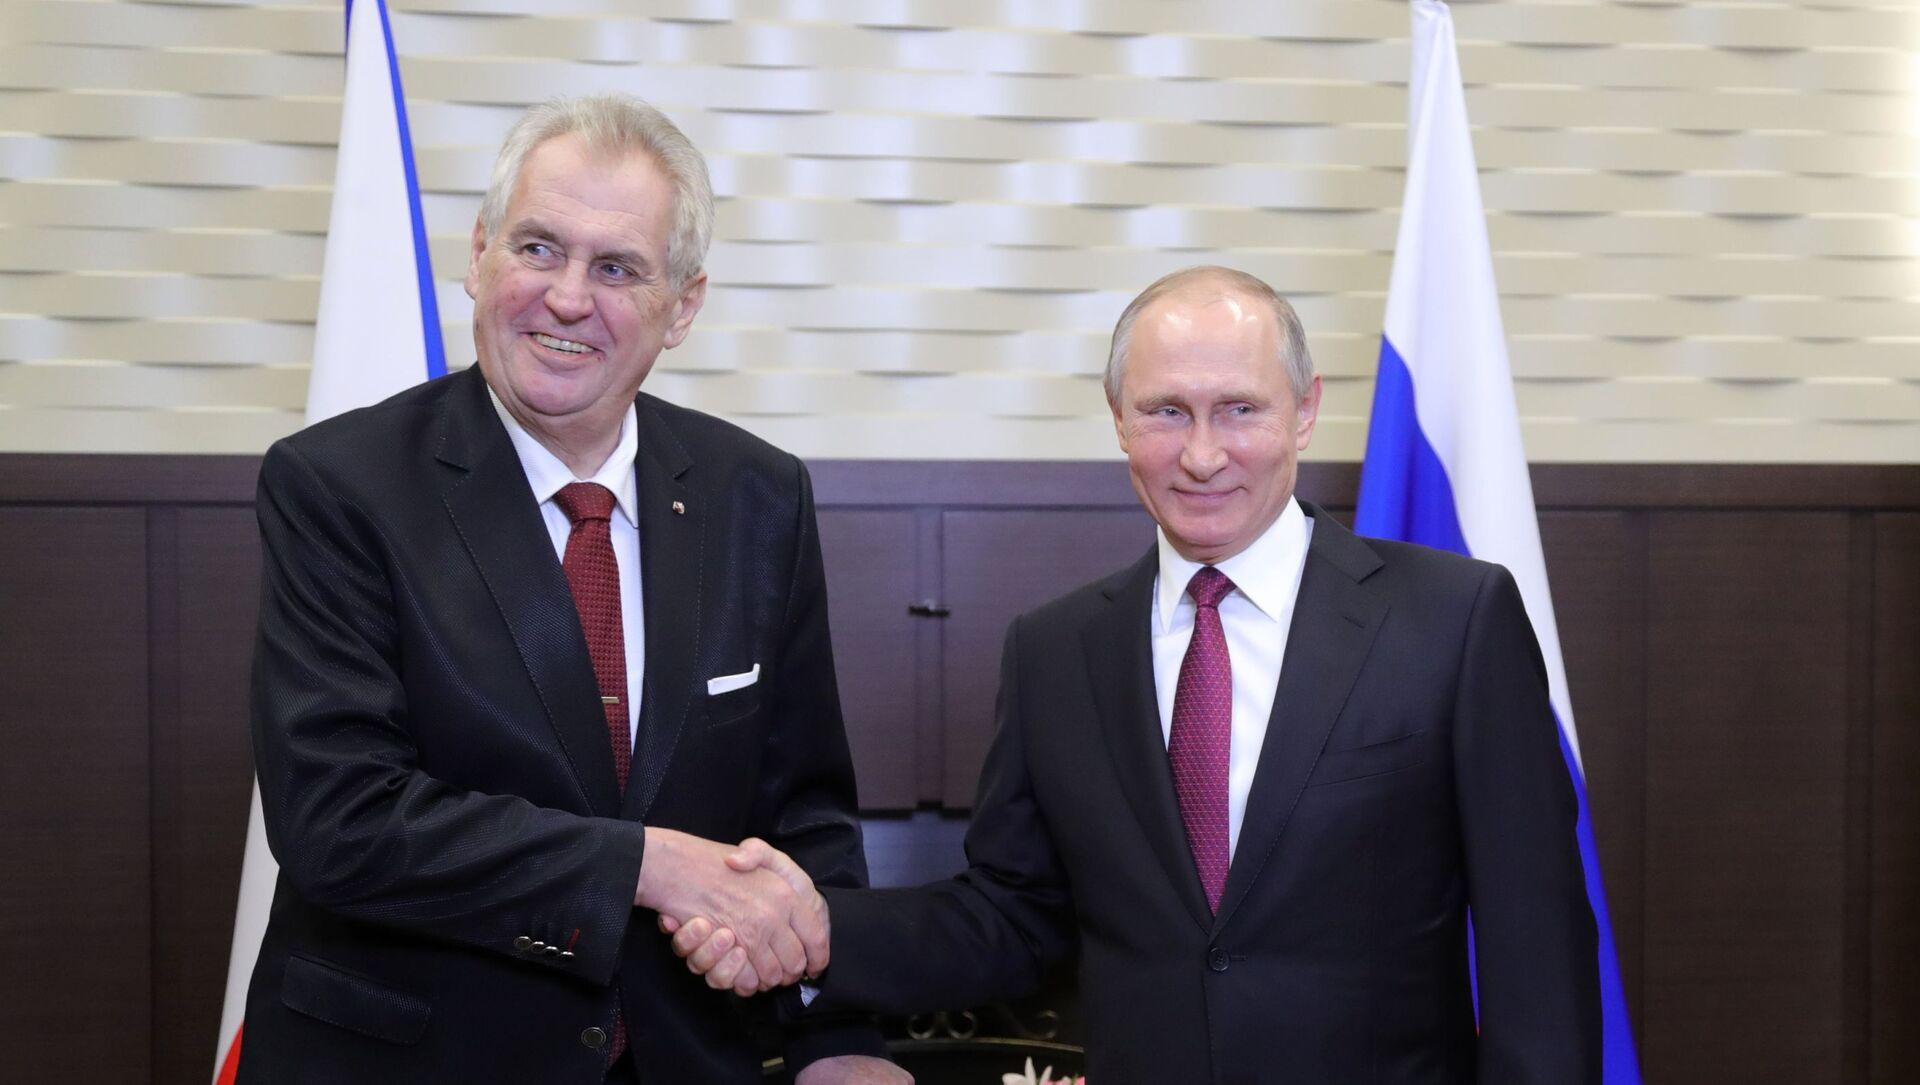 Schůzka ruského prezidenta Vladimira Putina s českým prezidentem Milošem Zemanem  - Sputnik Česká republika, 1920, 27.02.2021